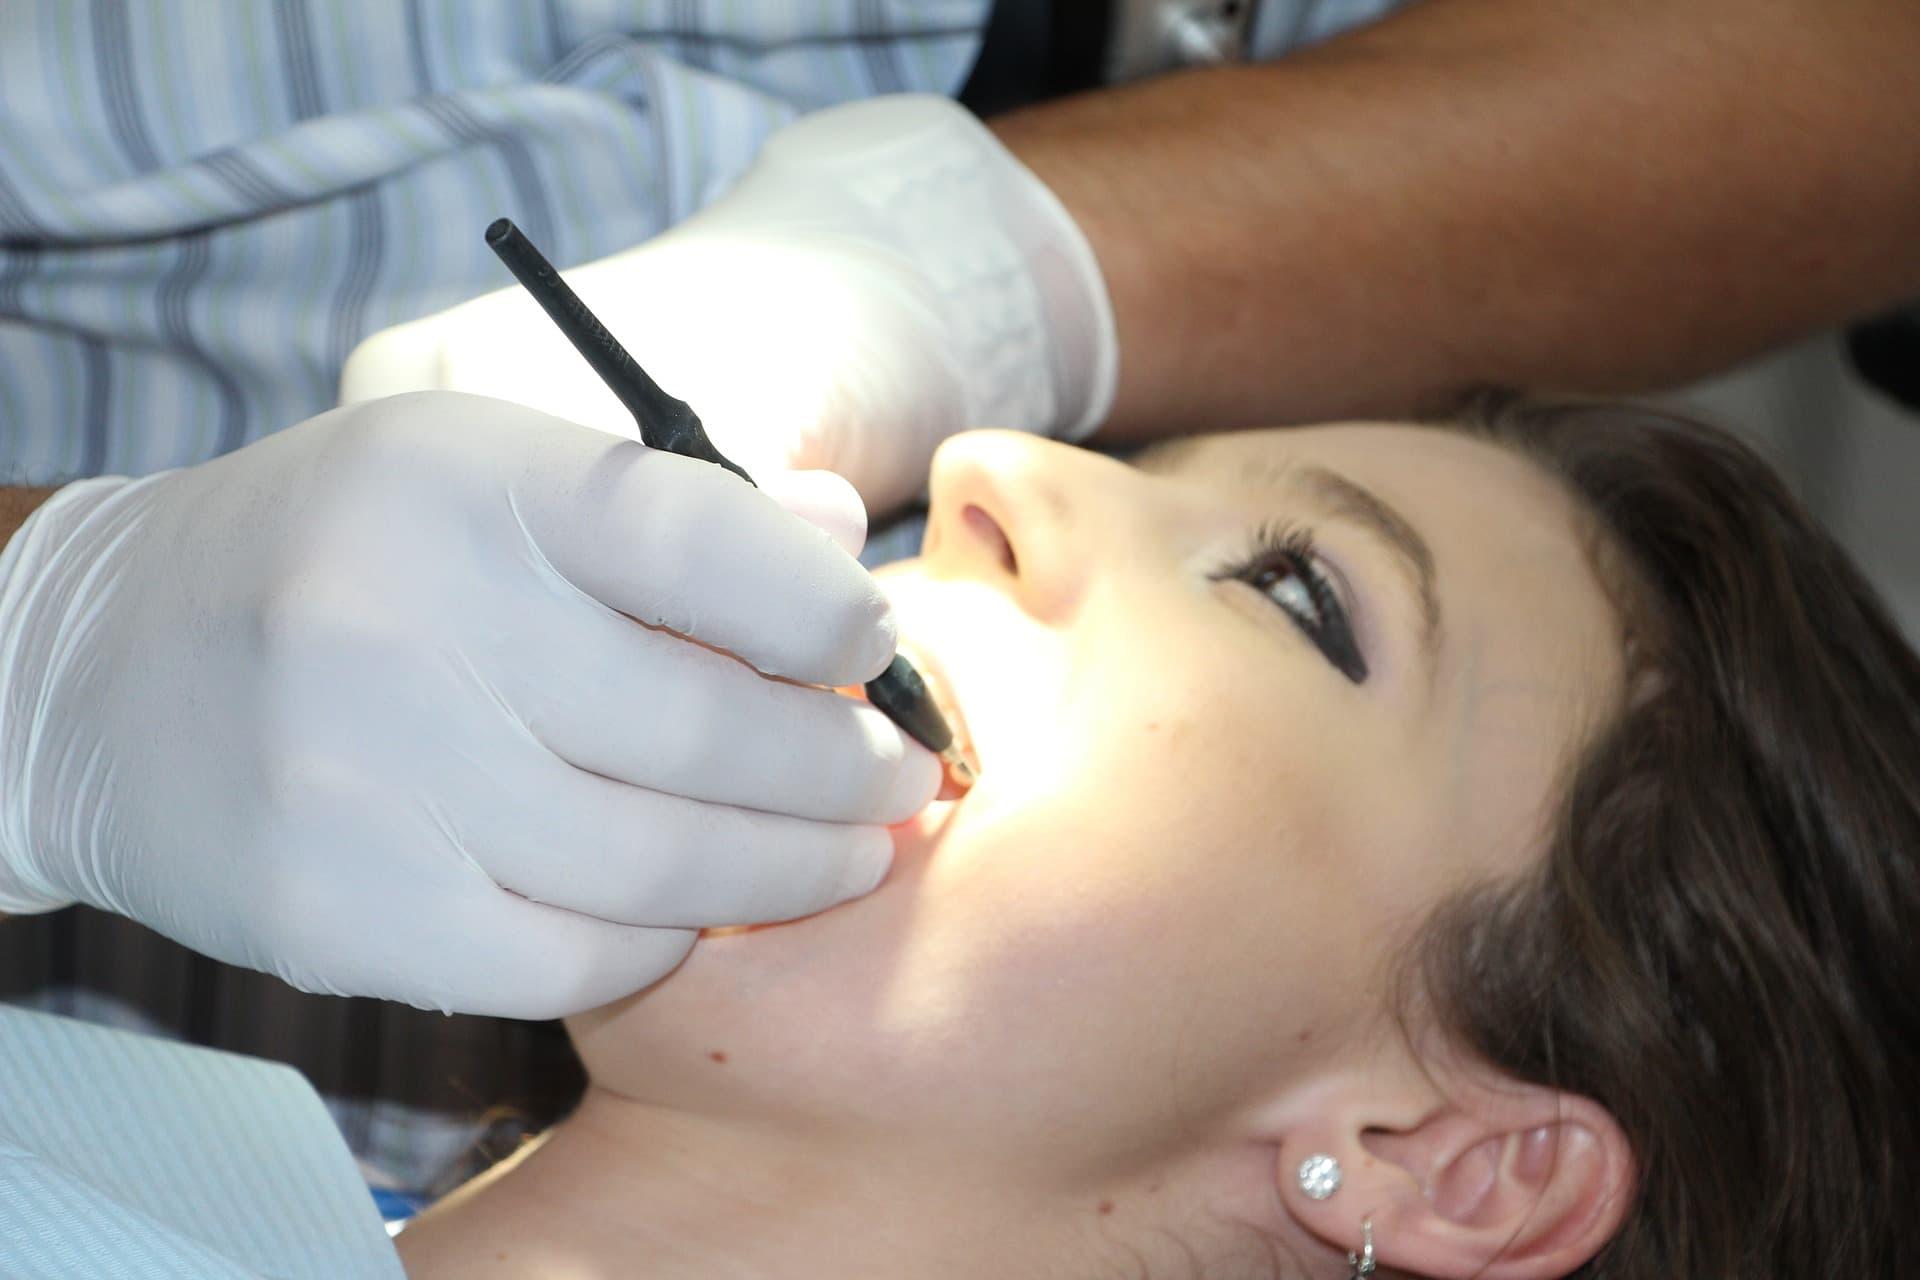 Piaskowanie zębów na czym to polega?